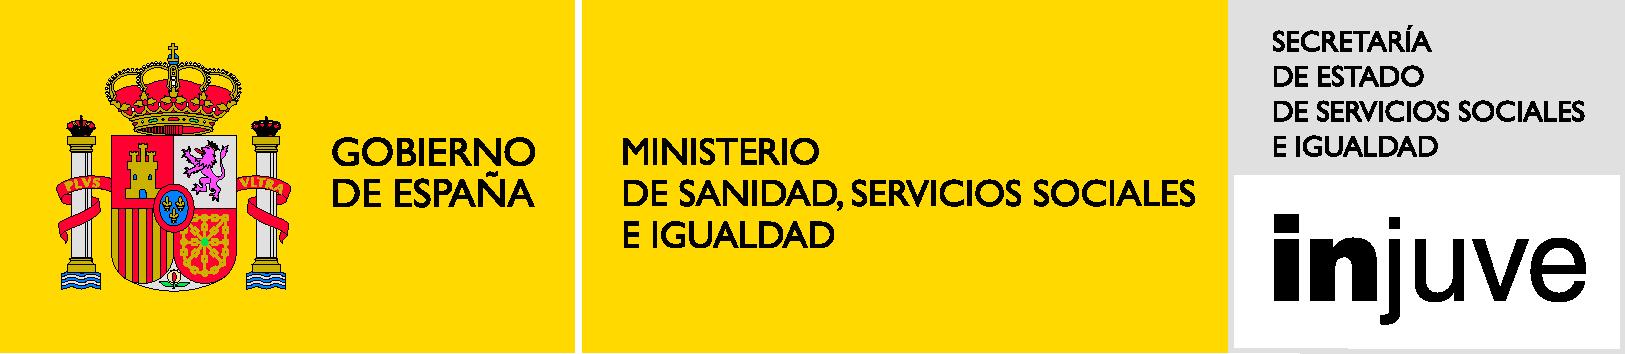 Injuve logo - gobierno de españa - ministerio de sanidad, servicios sociales e igualdad